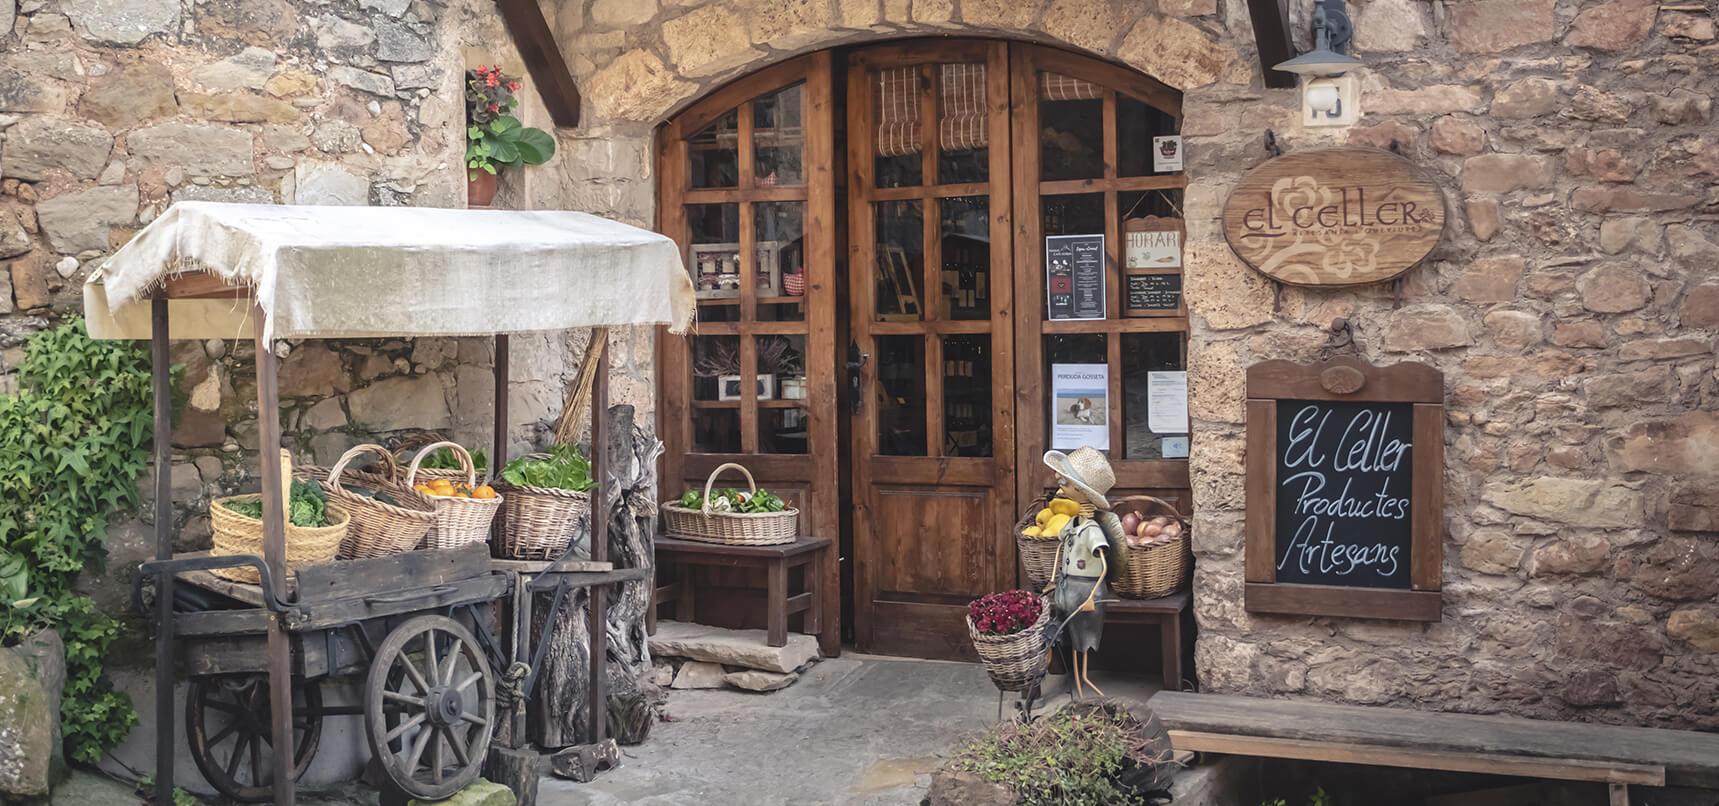 La nostre botiga des de fora, el Celler de Mura